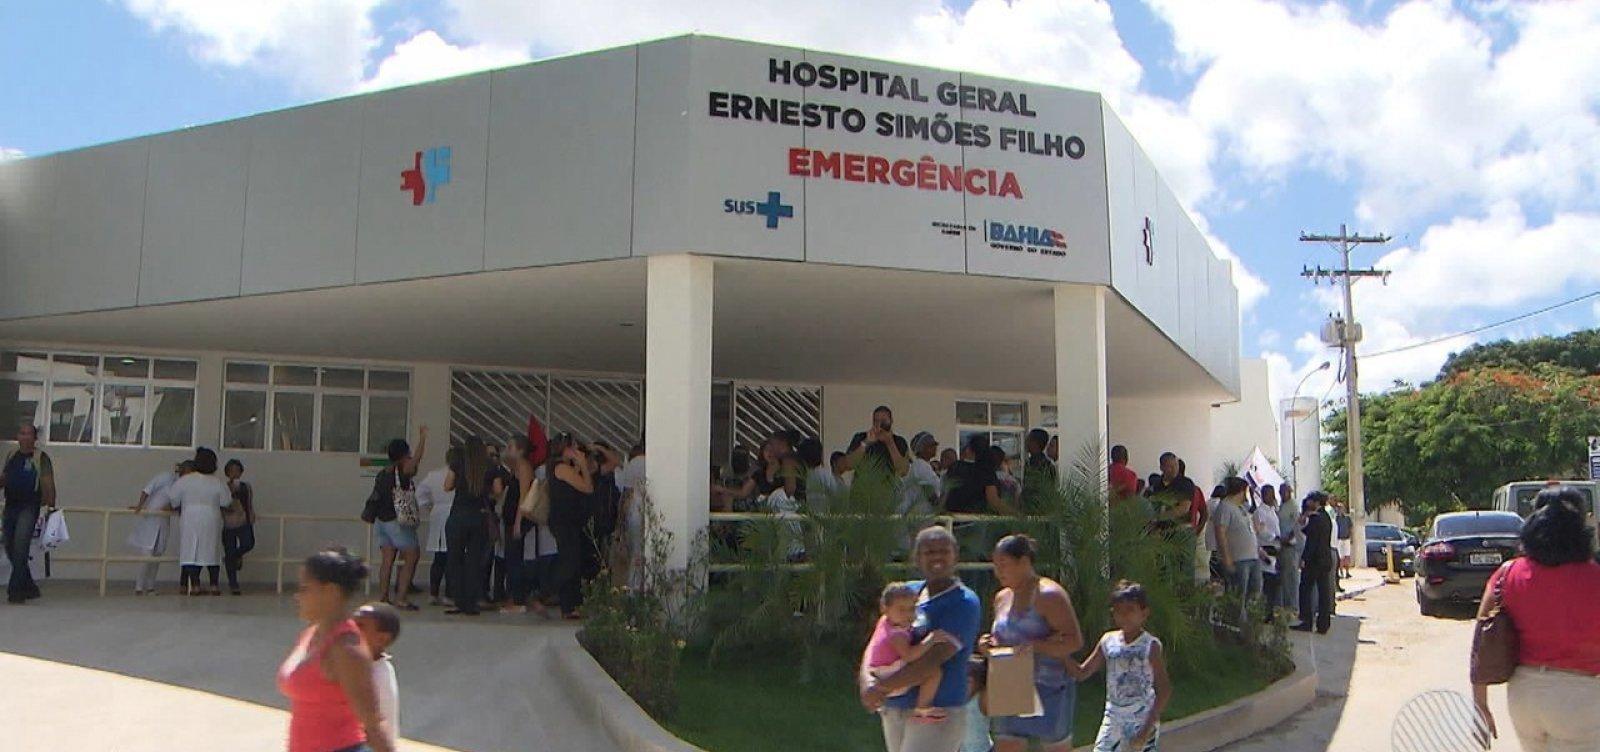 Governo baiano começa a programar 'volta à normalidade' de hospitais dedicados à Covid-19